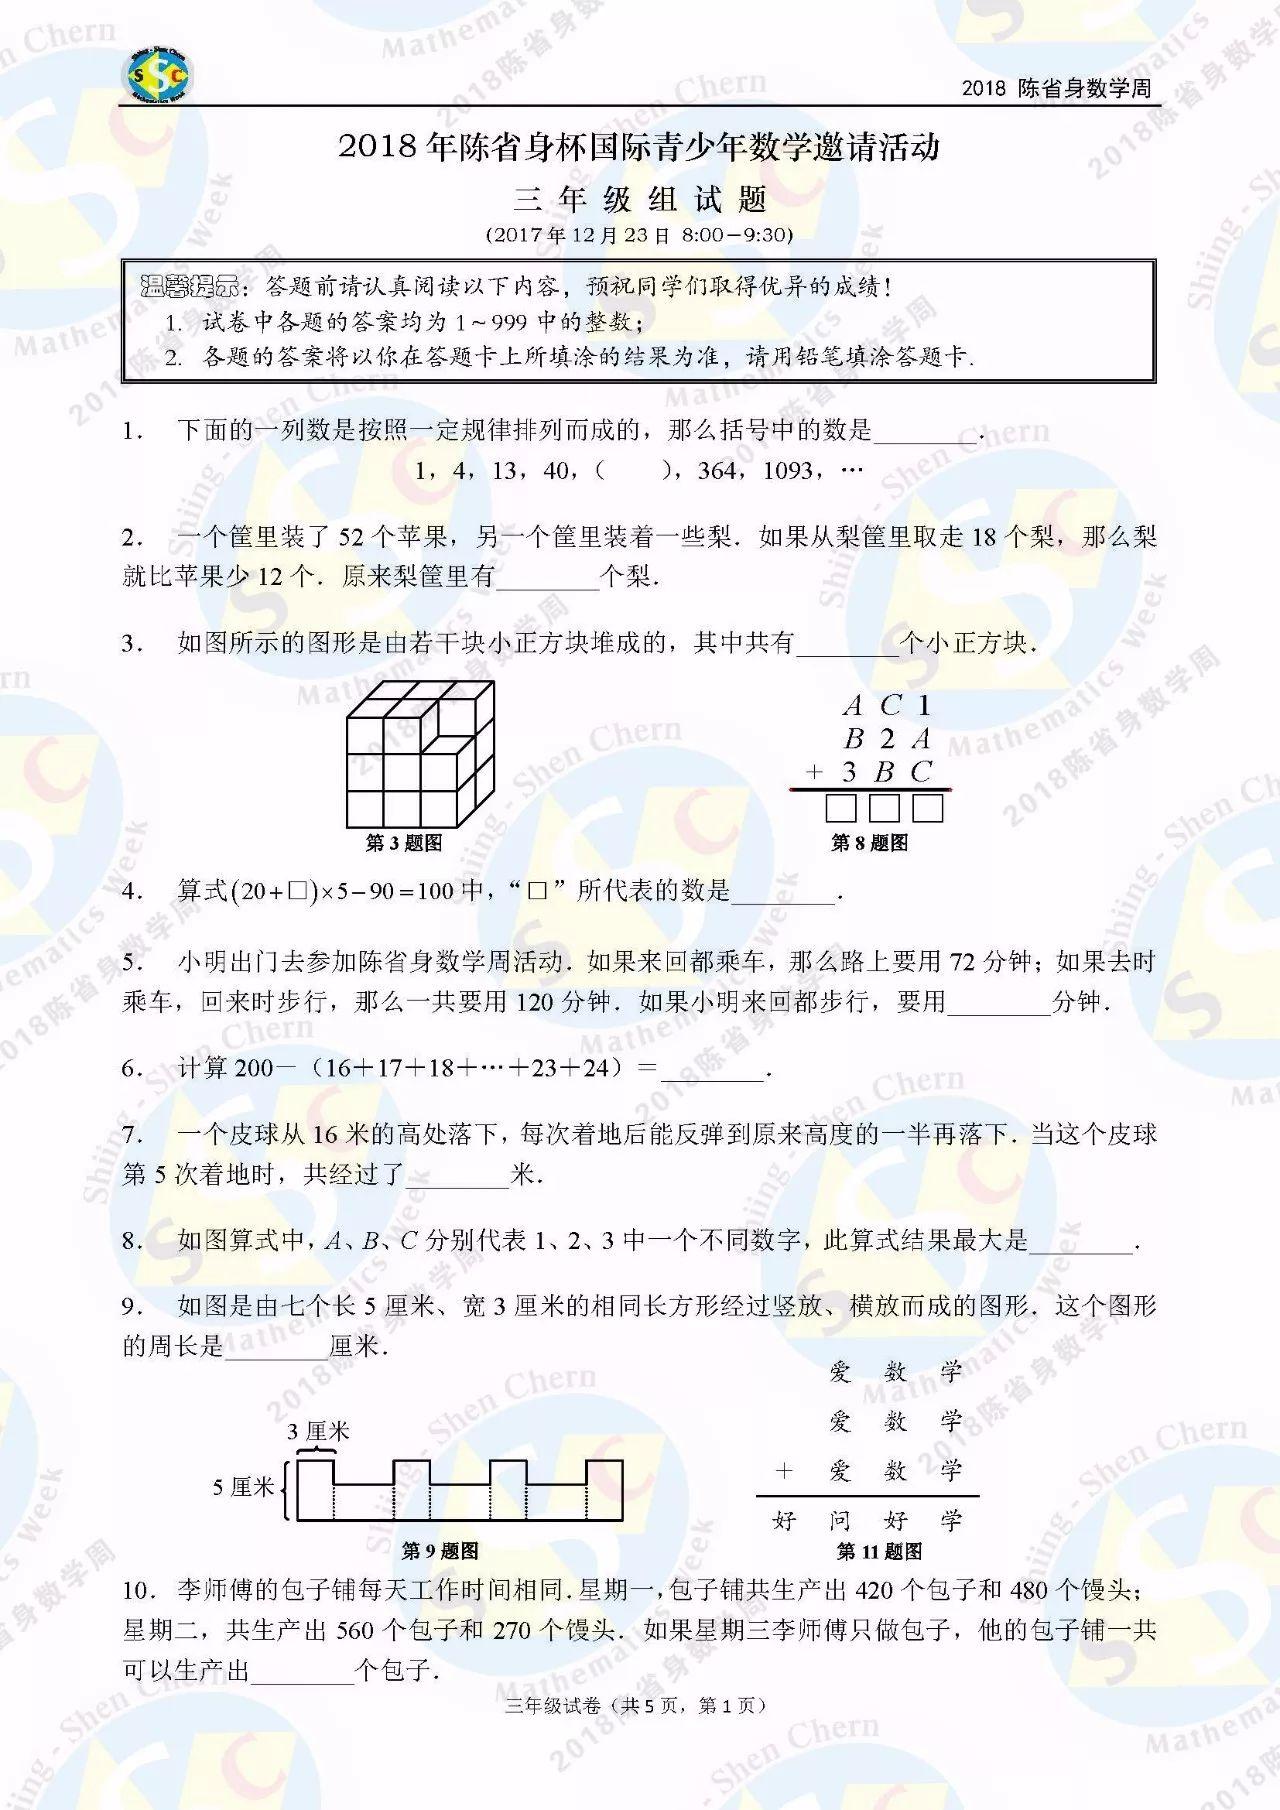 2018年陈省身杯国际青少年数学邀请赛三年级试题1